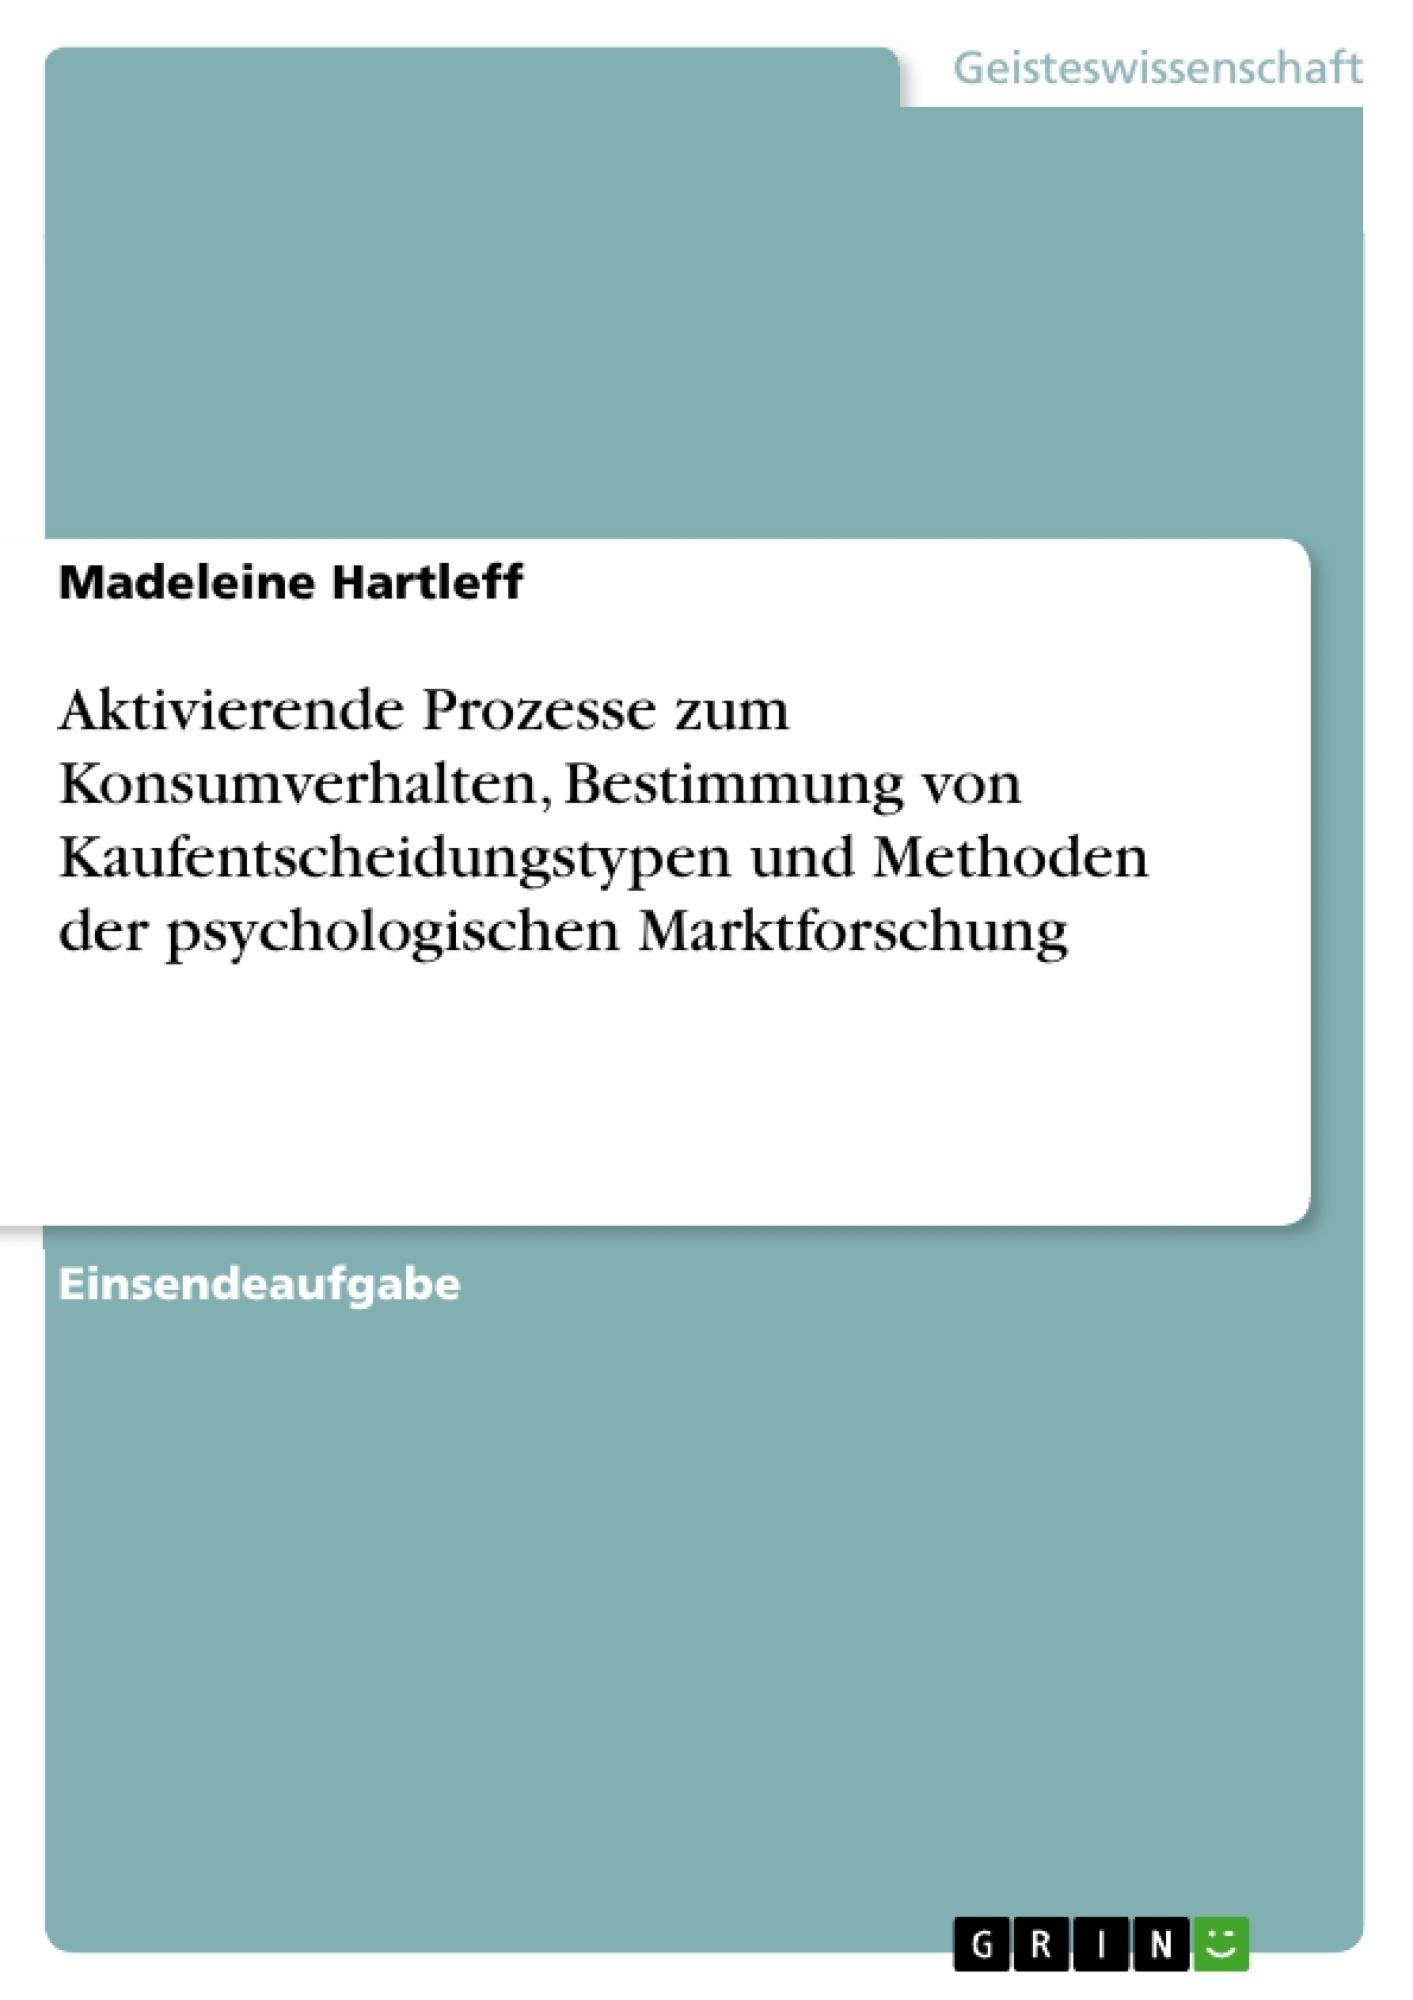 Titel: Aktivierende Prozesse zum Konsumverhalten, Bestimmung von Kaufentscheidungstypen und Methoden der psychologischen Marktforschung